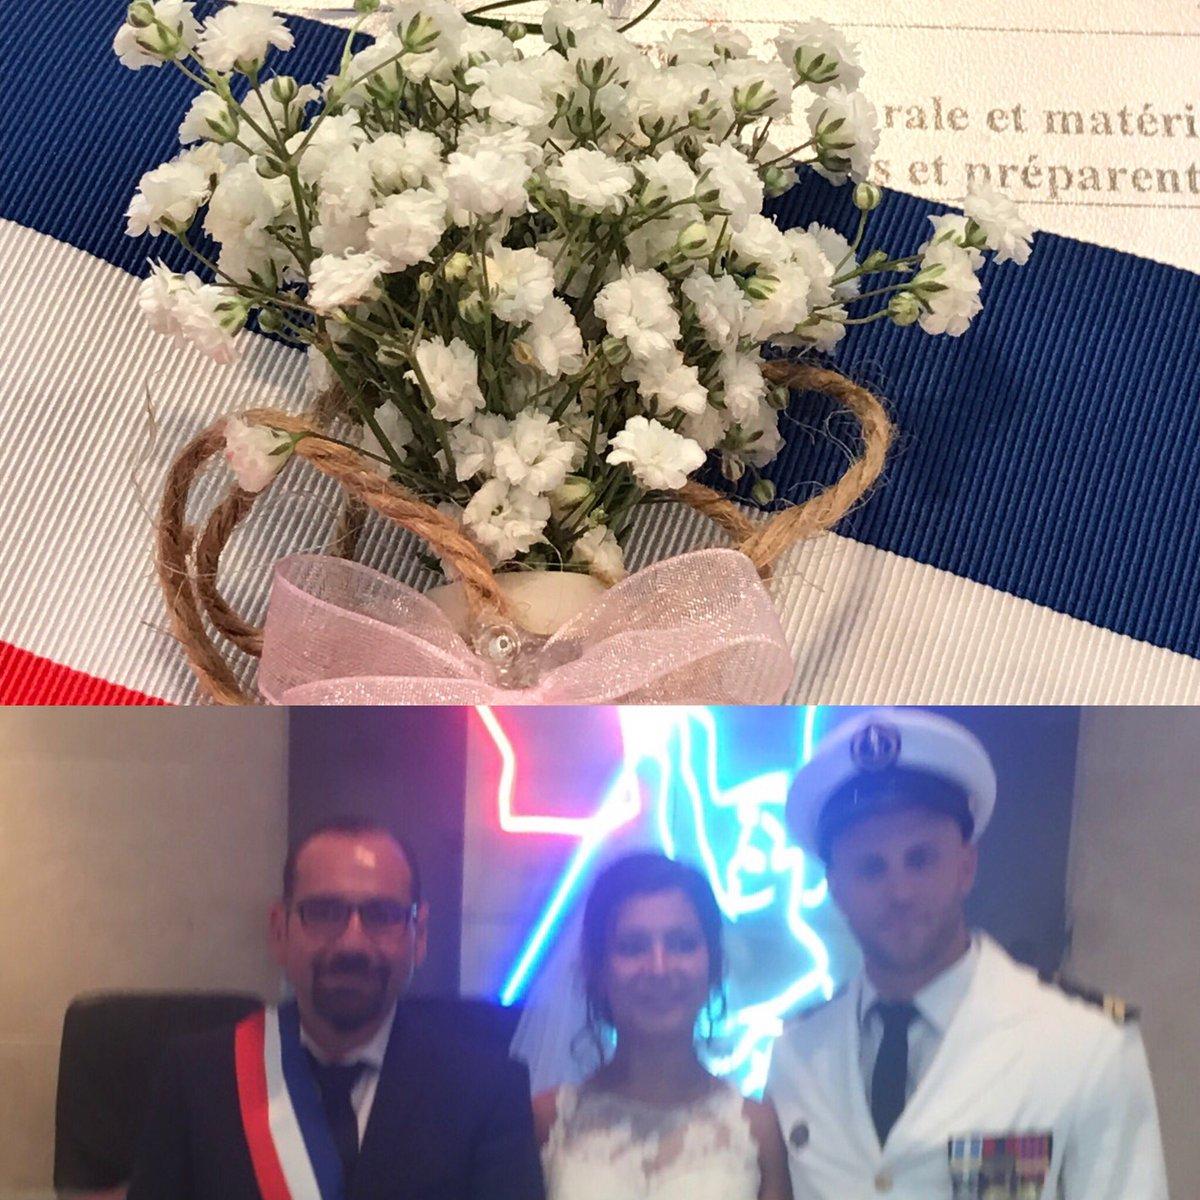 #journée #mariages à la #mairie des 4_5 #marseille. #joie , #union , #bonheur , #emotions.... Que du bonheur. #CaSePasseCommeCaDansLes4_5pic.twitter.com/wUdw5PqCv9